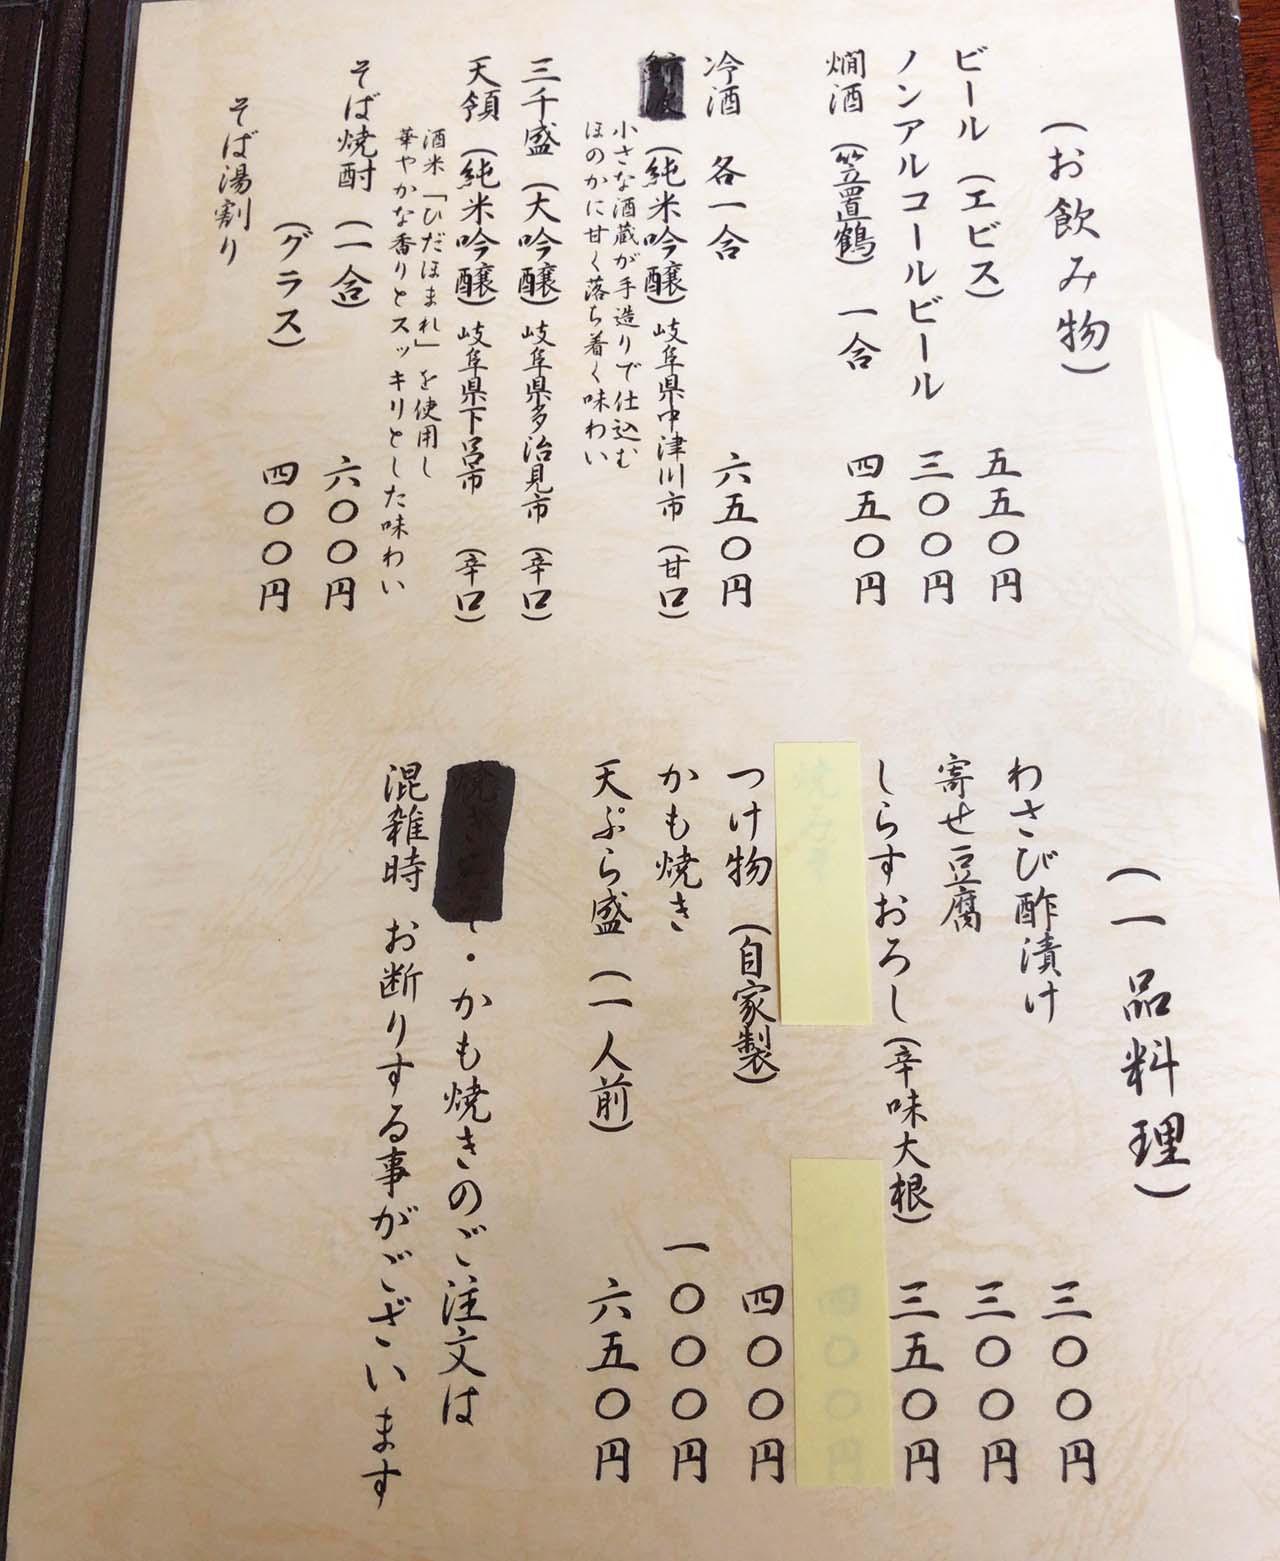 恵那市の恵那峡の食事処そば屋照久庵のランチメニュー表単品、飲み物